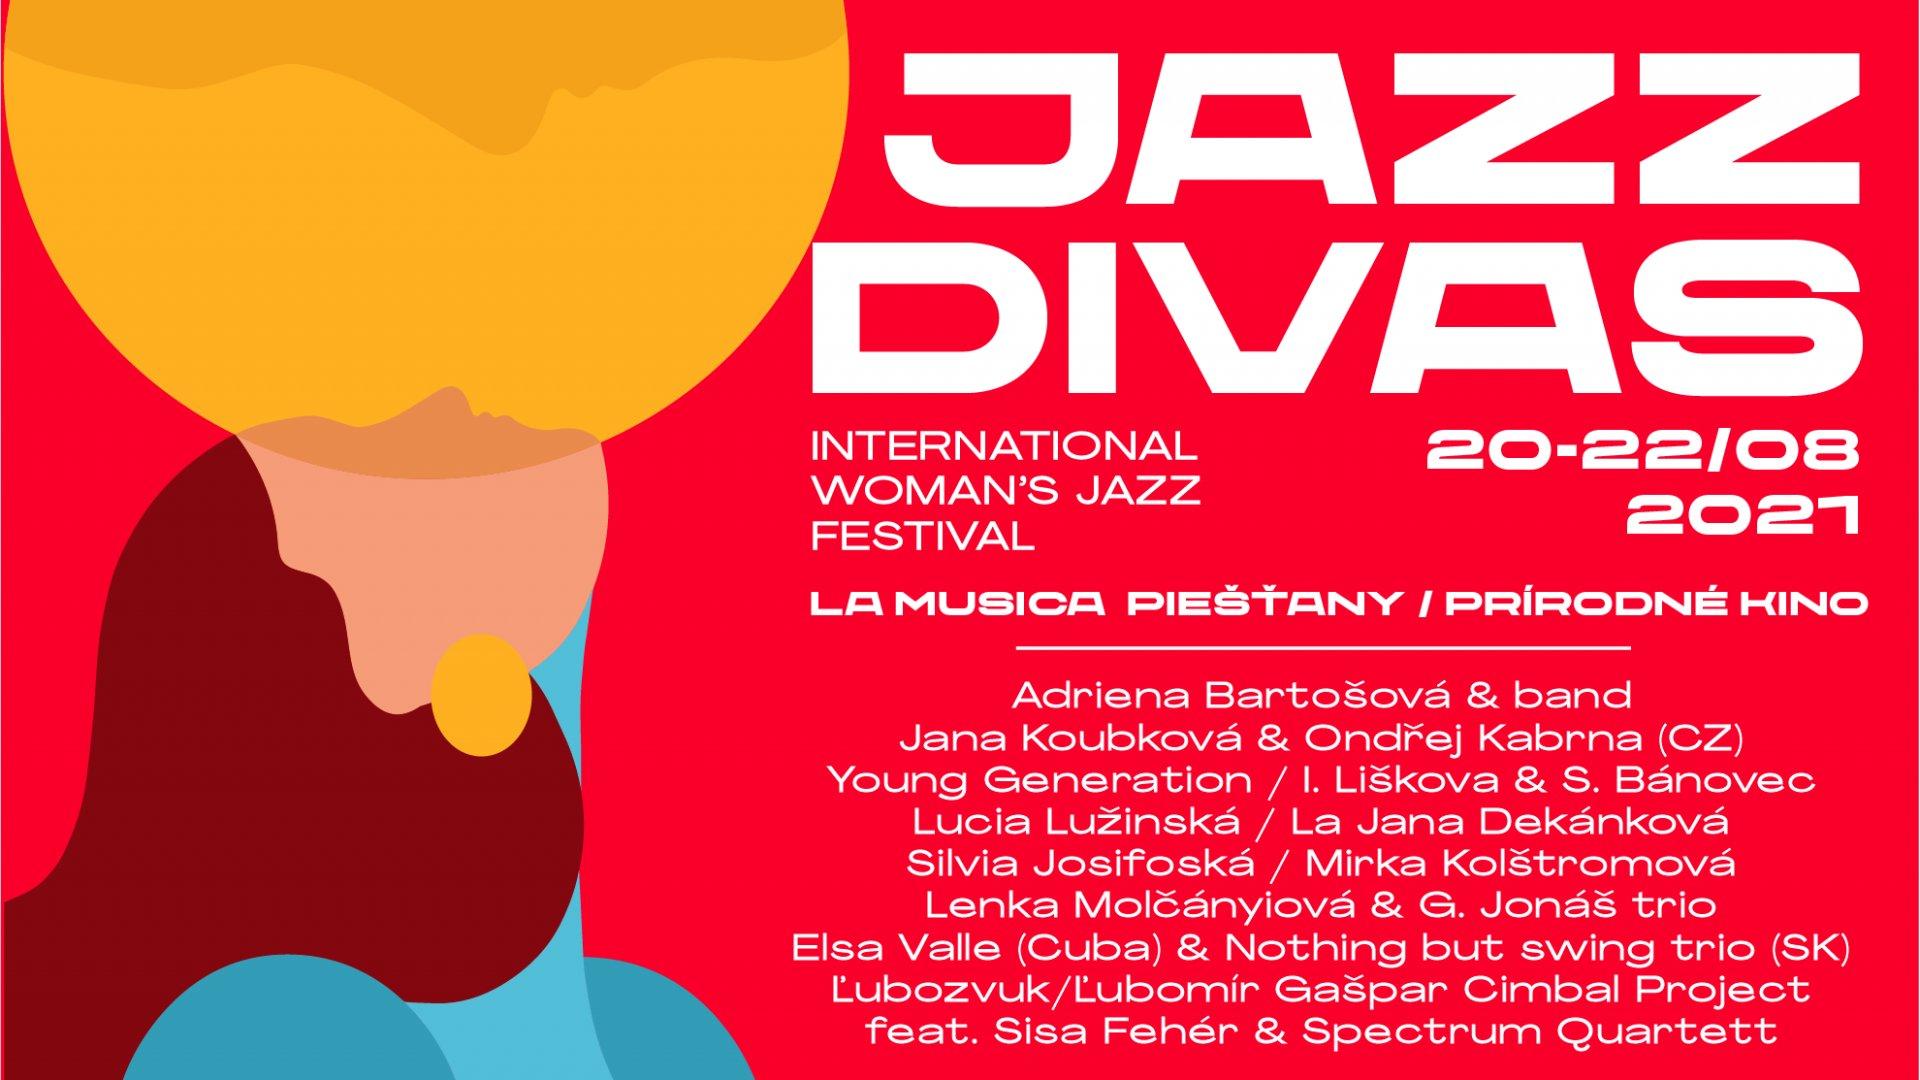 JazzDivas